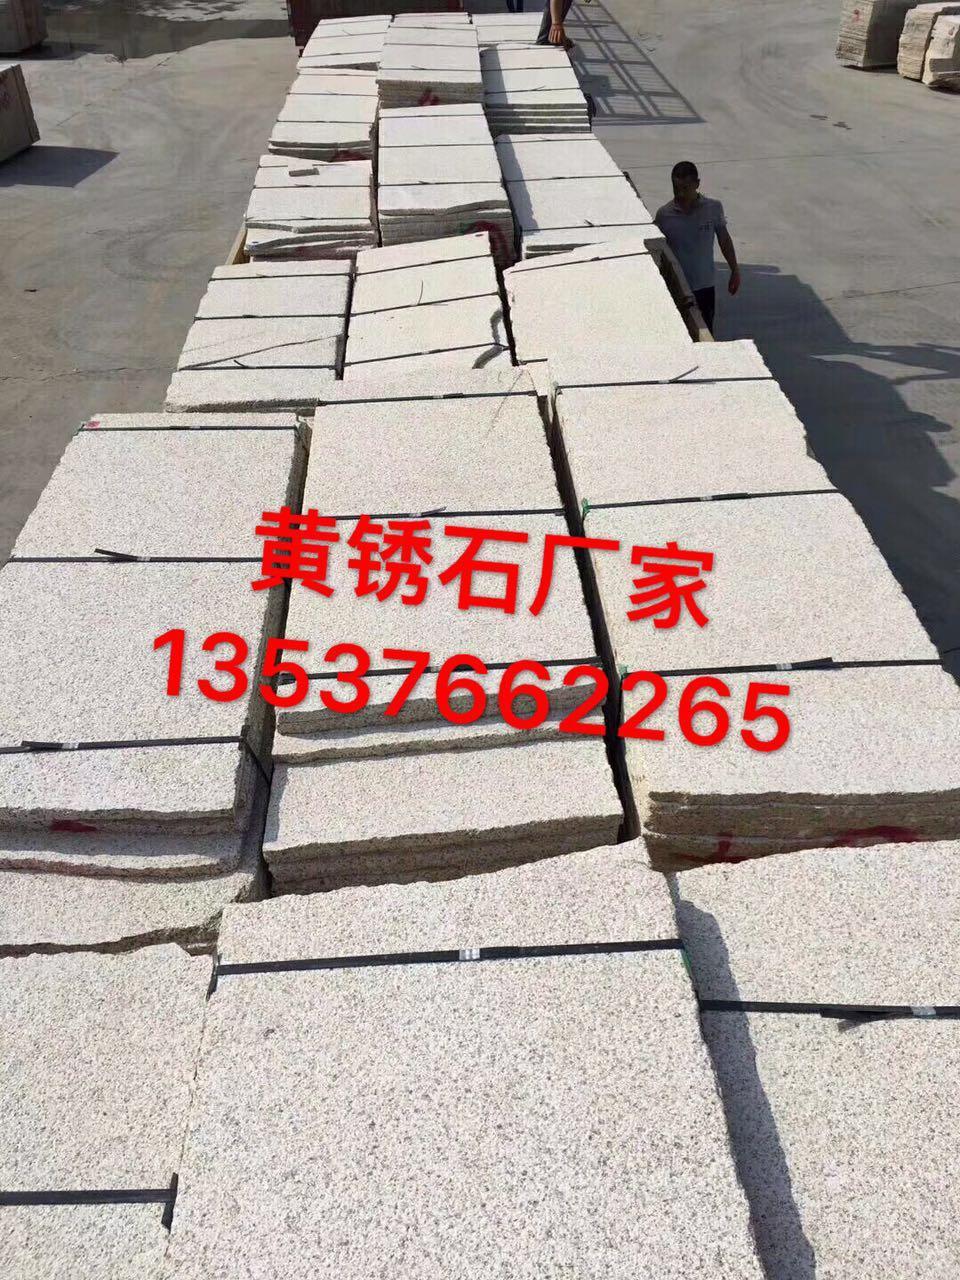 别墅石材外墙干挂专业厂家,石材幕墙安装---珠海石材干挂厂家 2